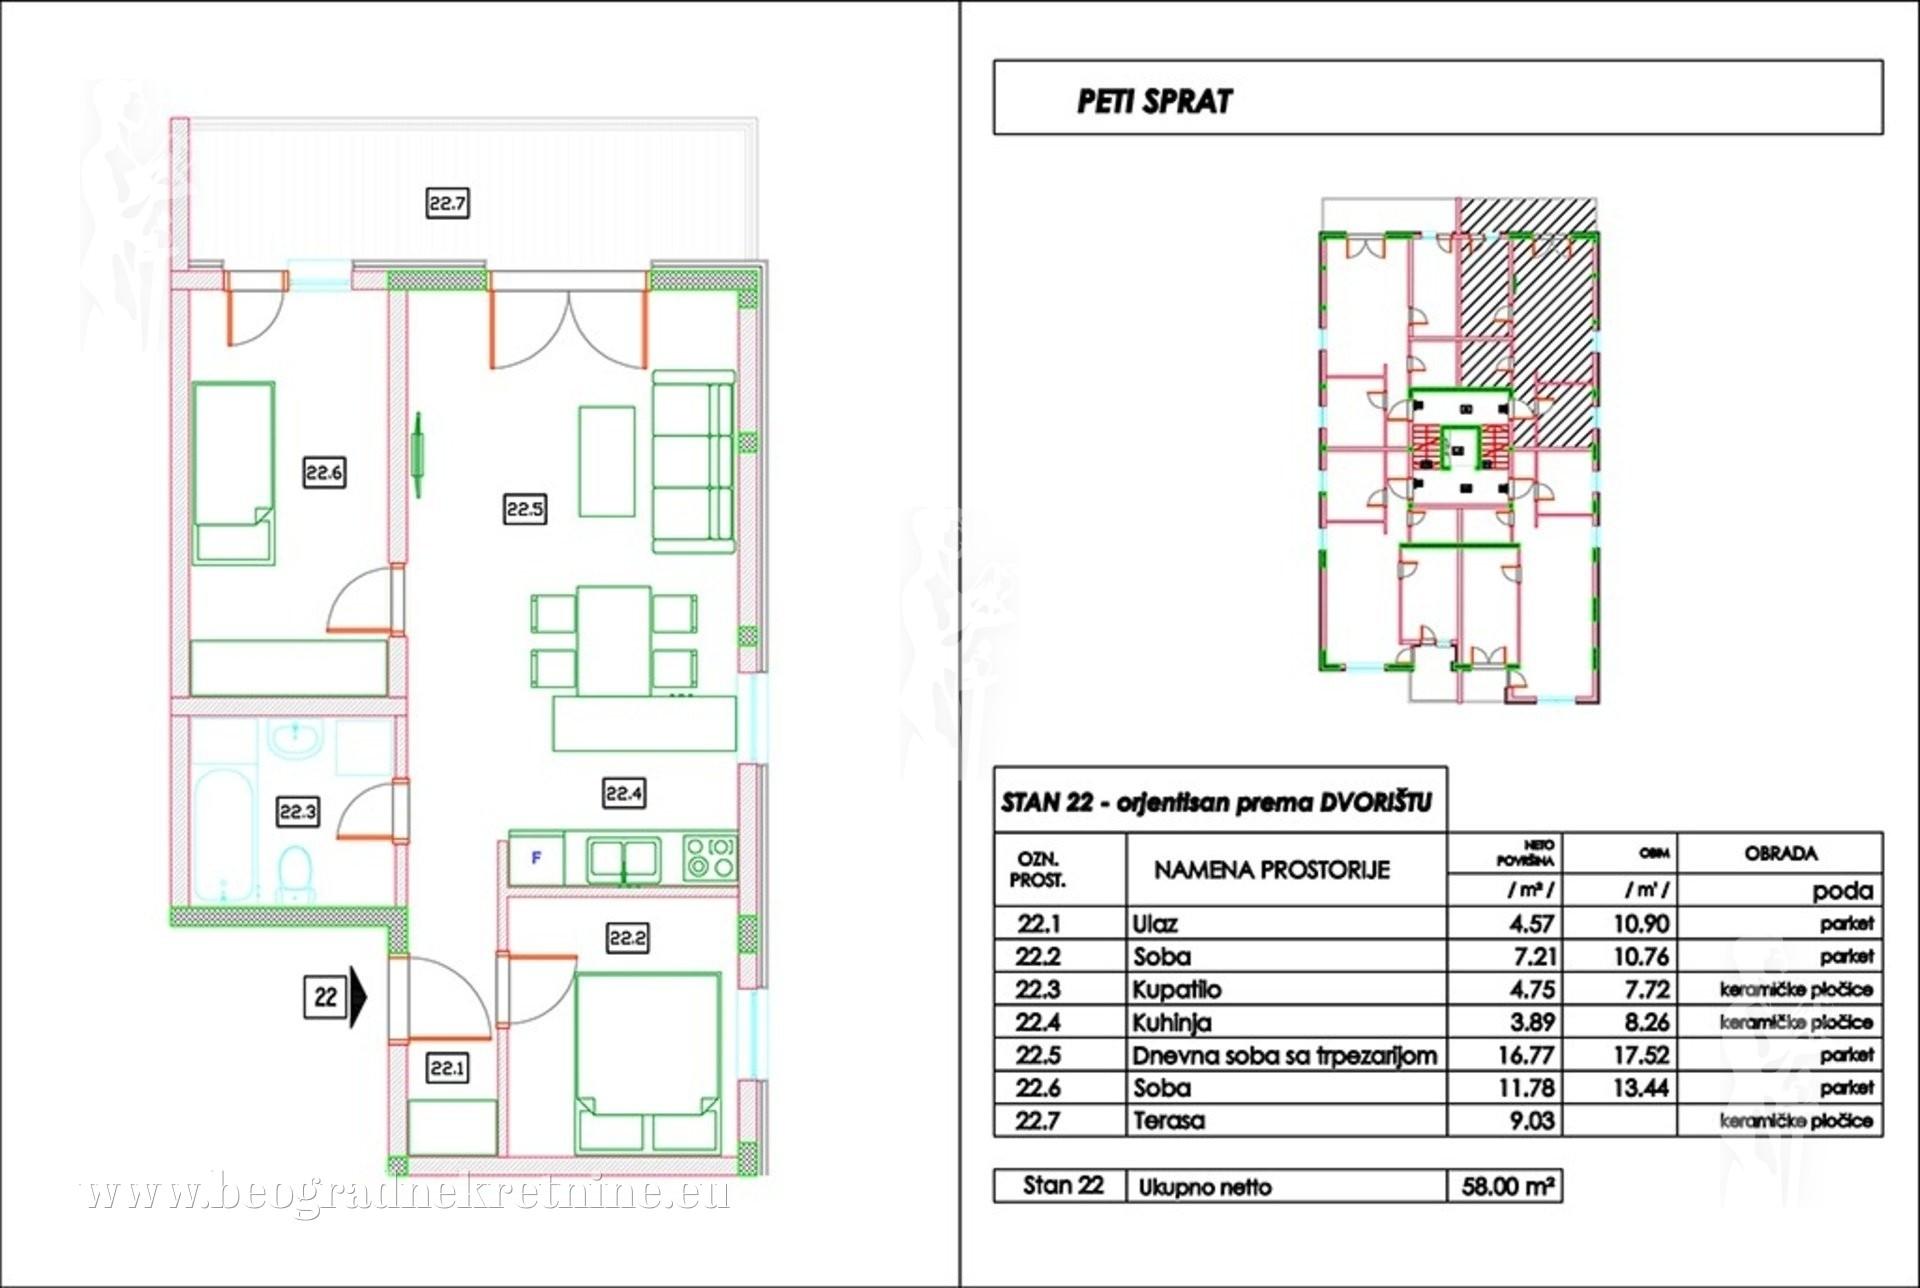 Stan 2 5 58m2 V novogradnja 69600 povraćaj PDVa